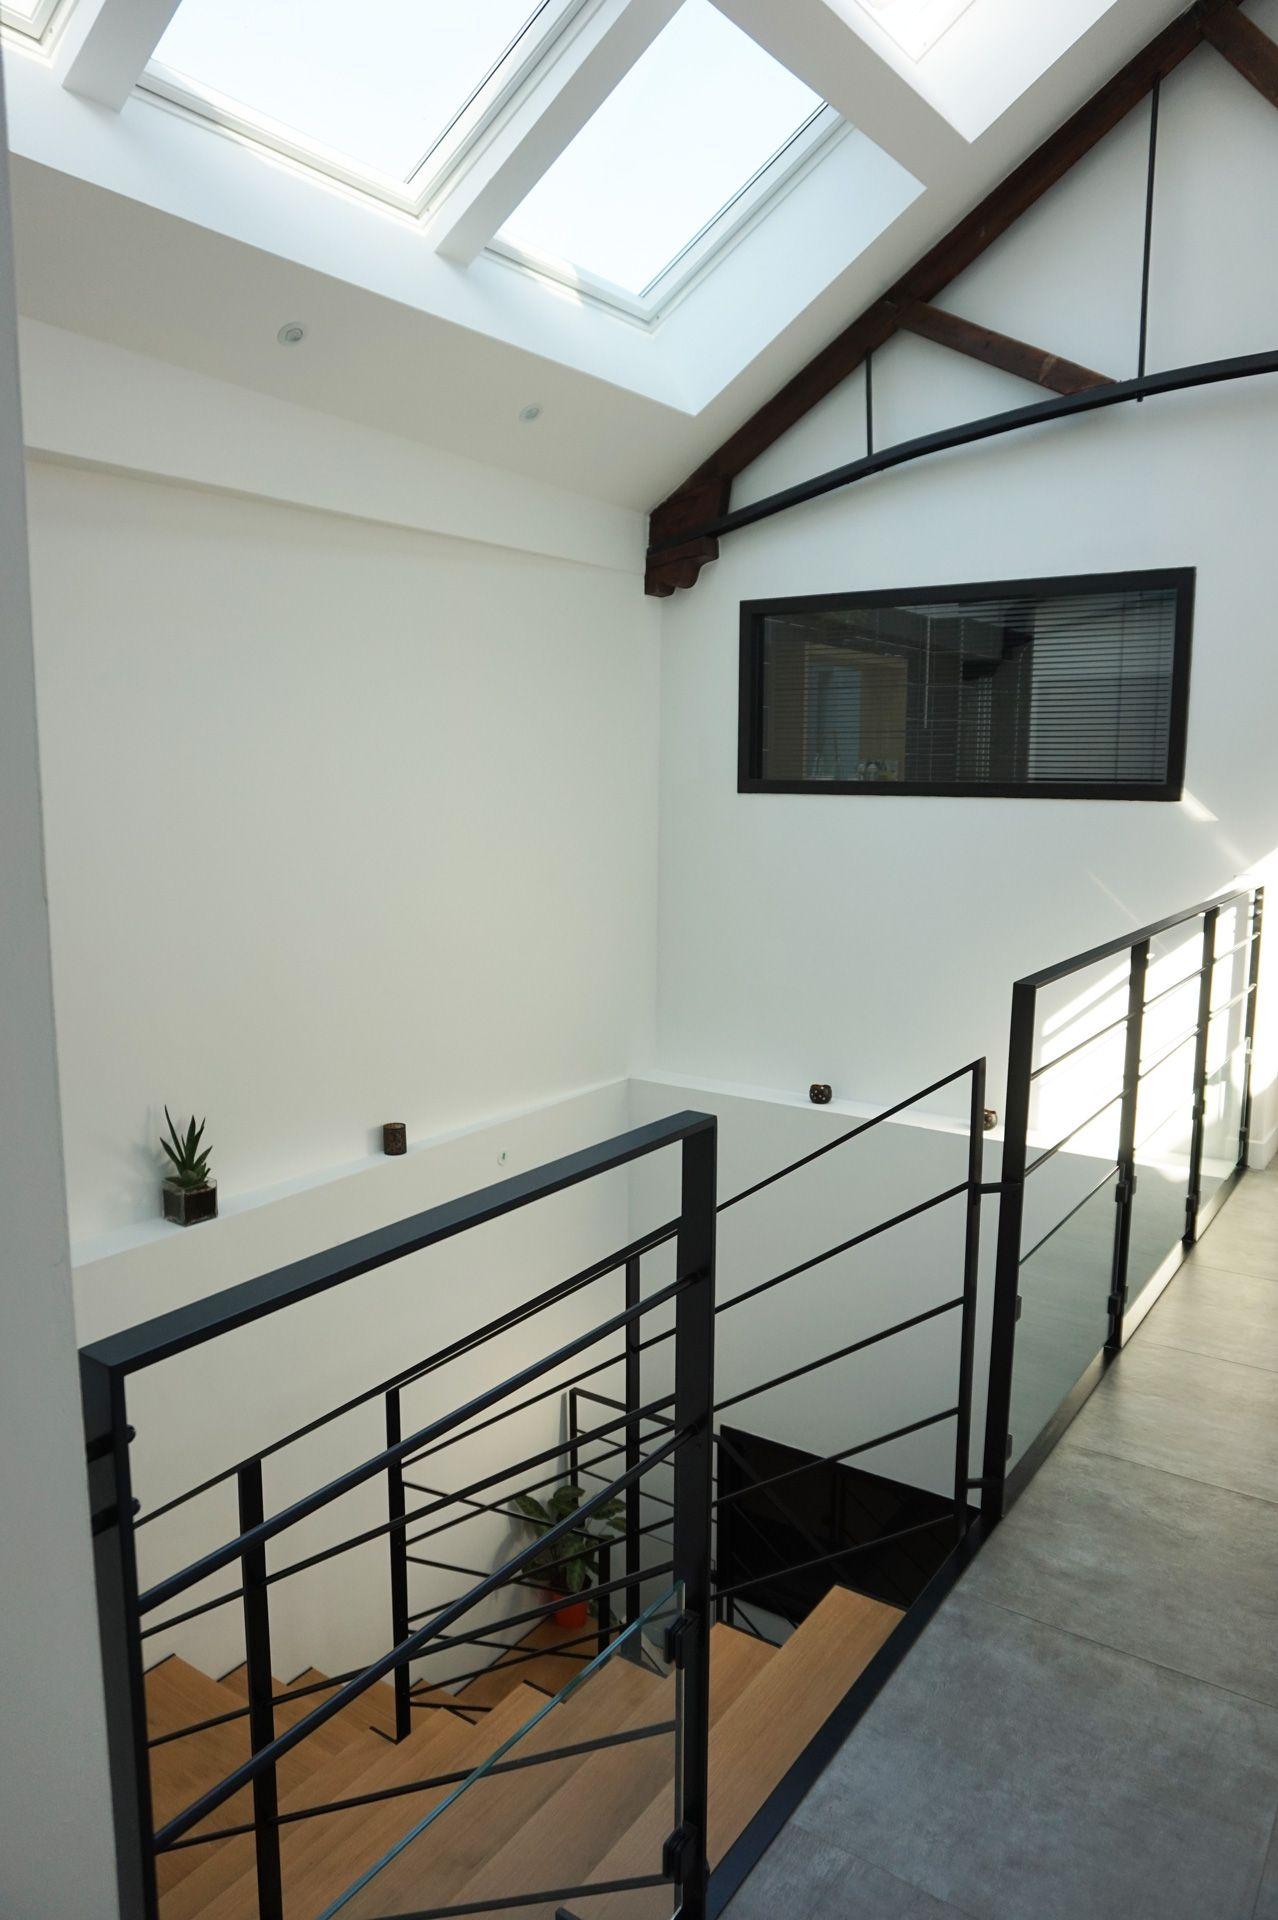 un garage transform en loft par kiosquedeco lydi r alisations kiosque deco lydie pineau. Black Bedroom Furniture Sets. Home Design Ideas